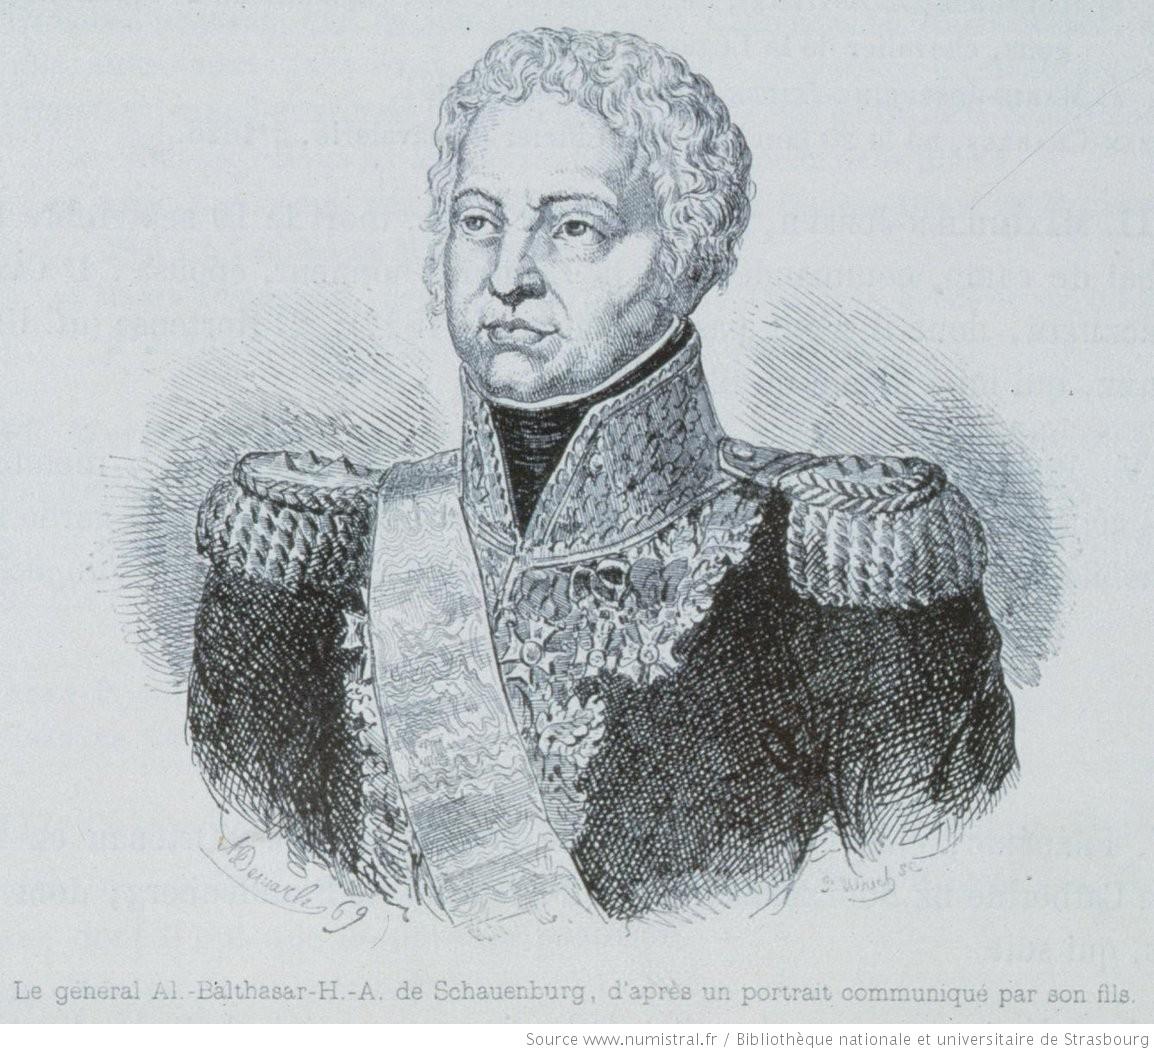 L'Alsacien Balthazar de Schauenburg était le bras droit de Napoléon dans la Confédération.